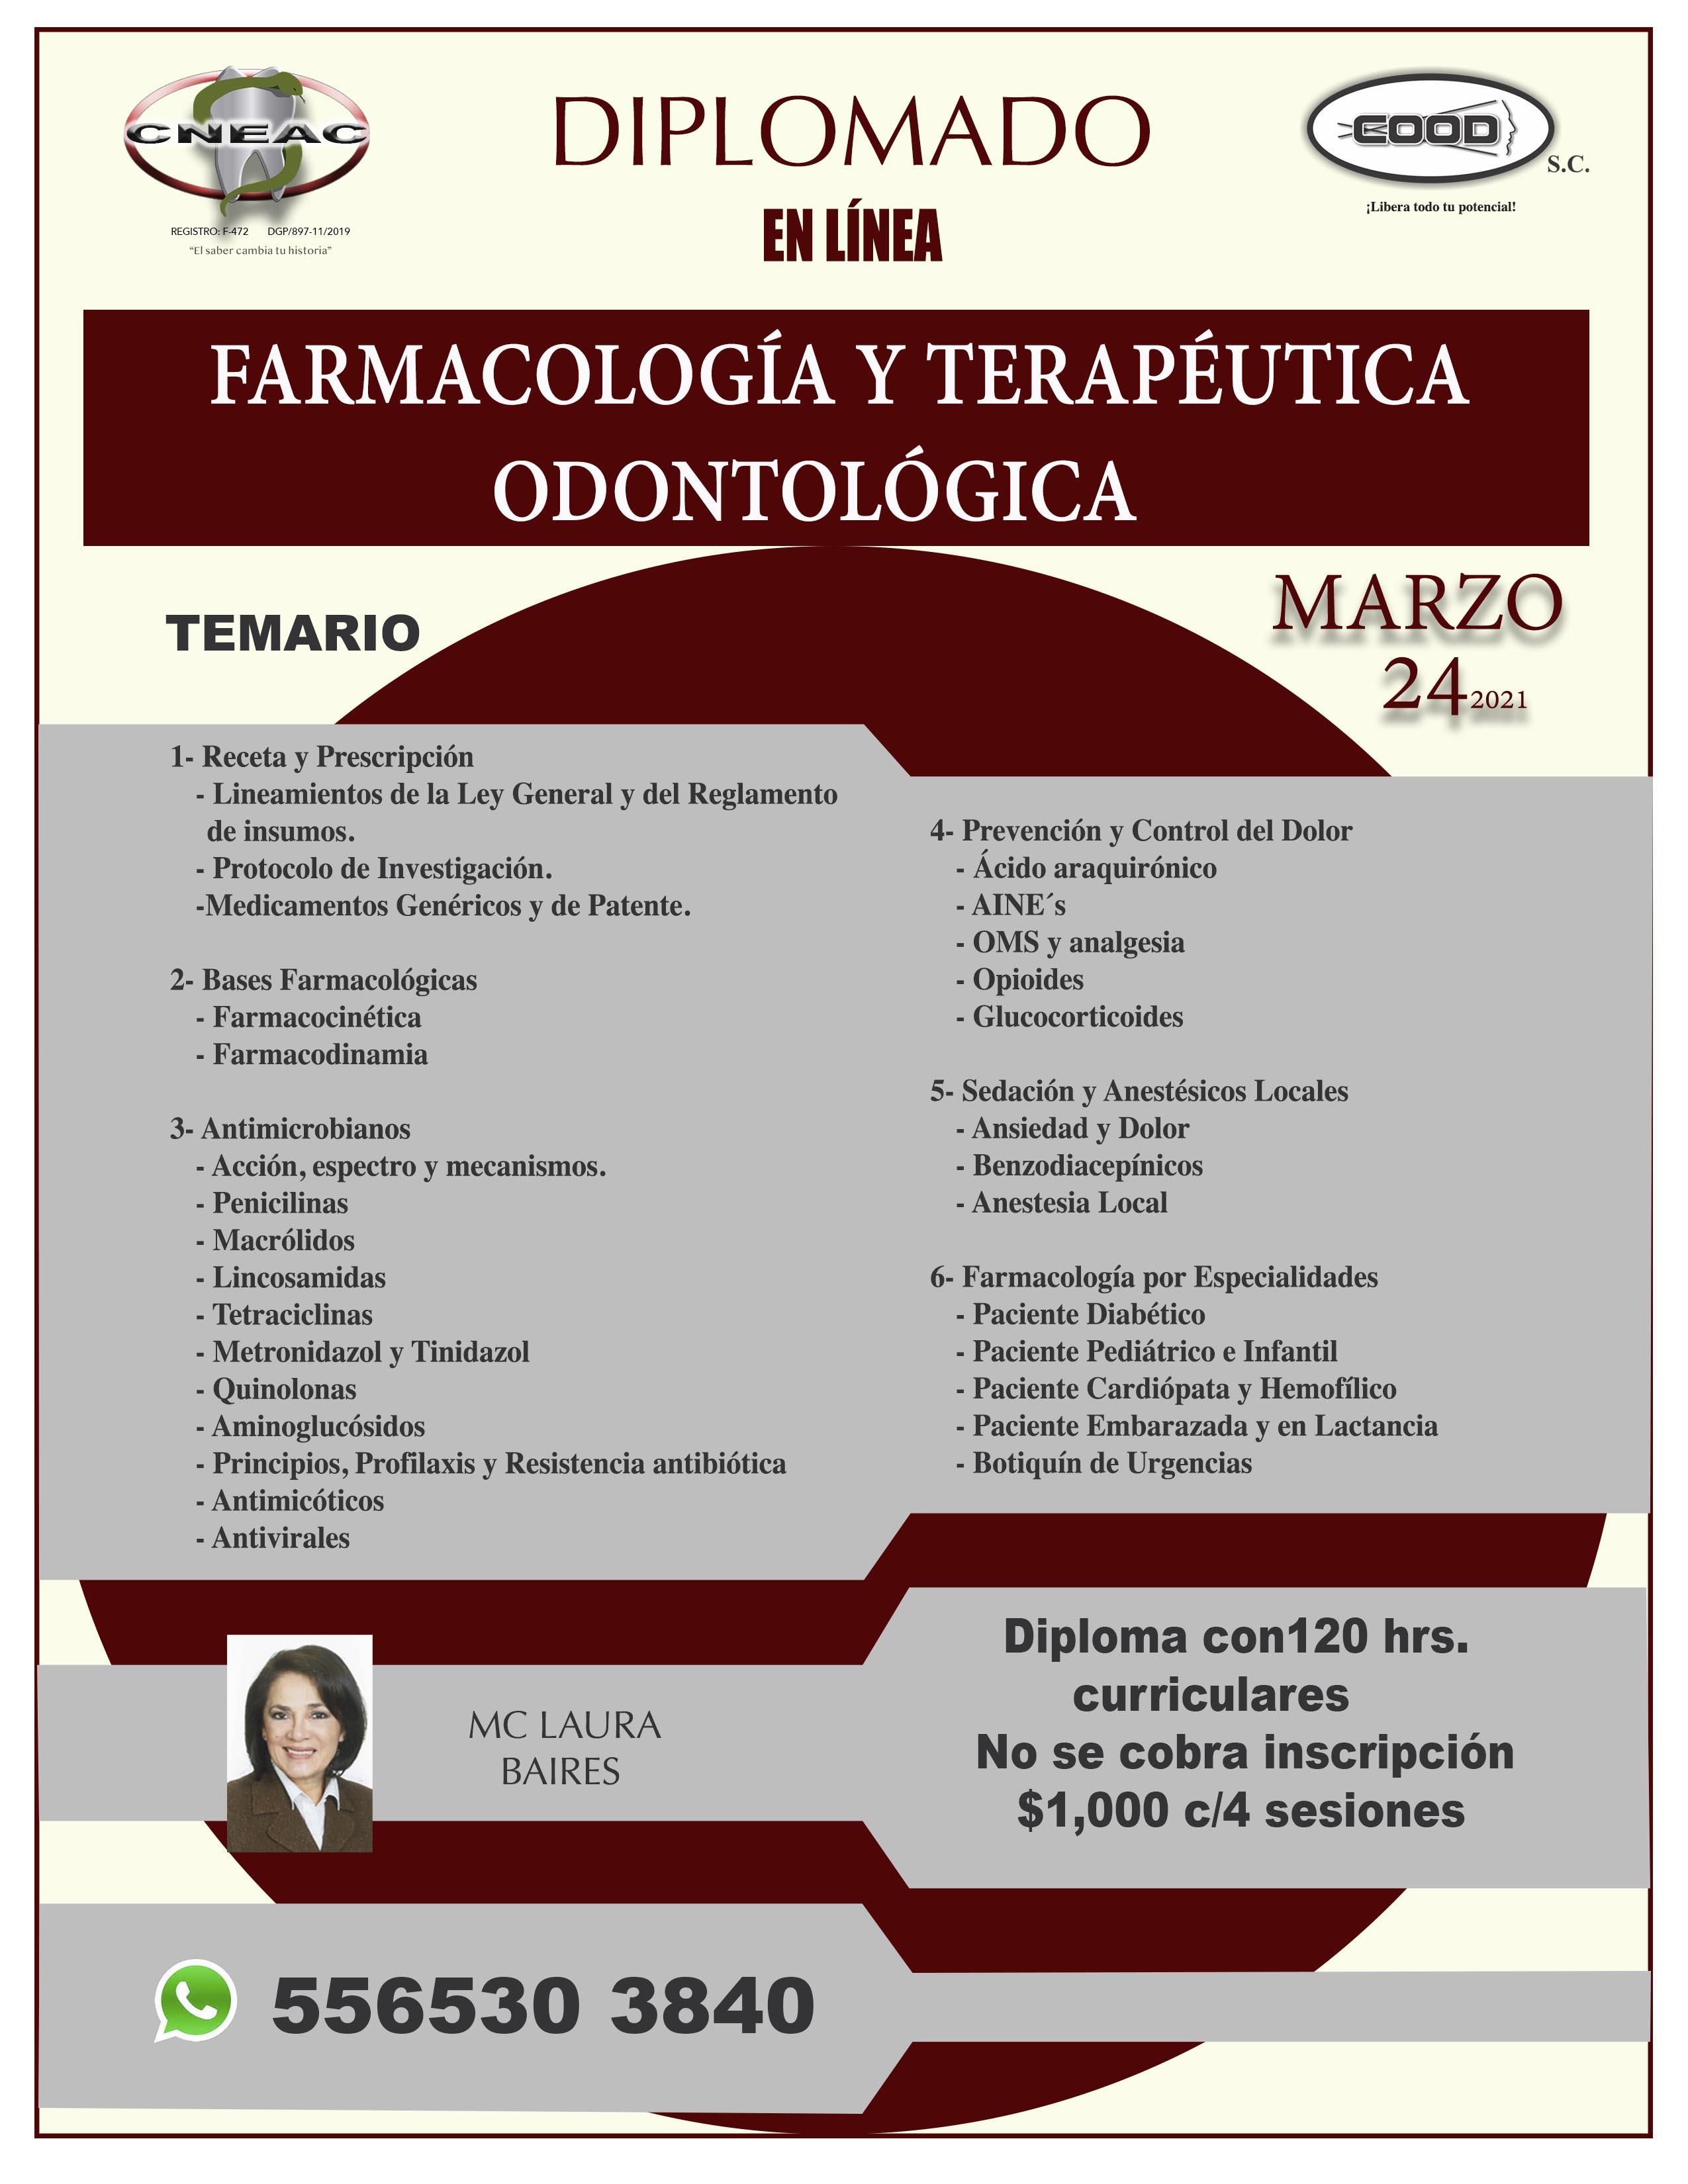 FARMA 24 MARZO 21